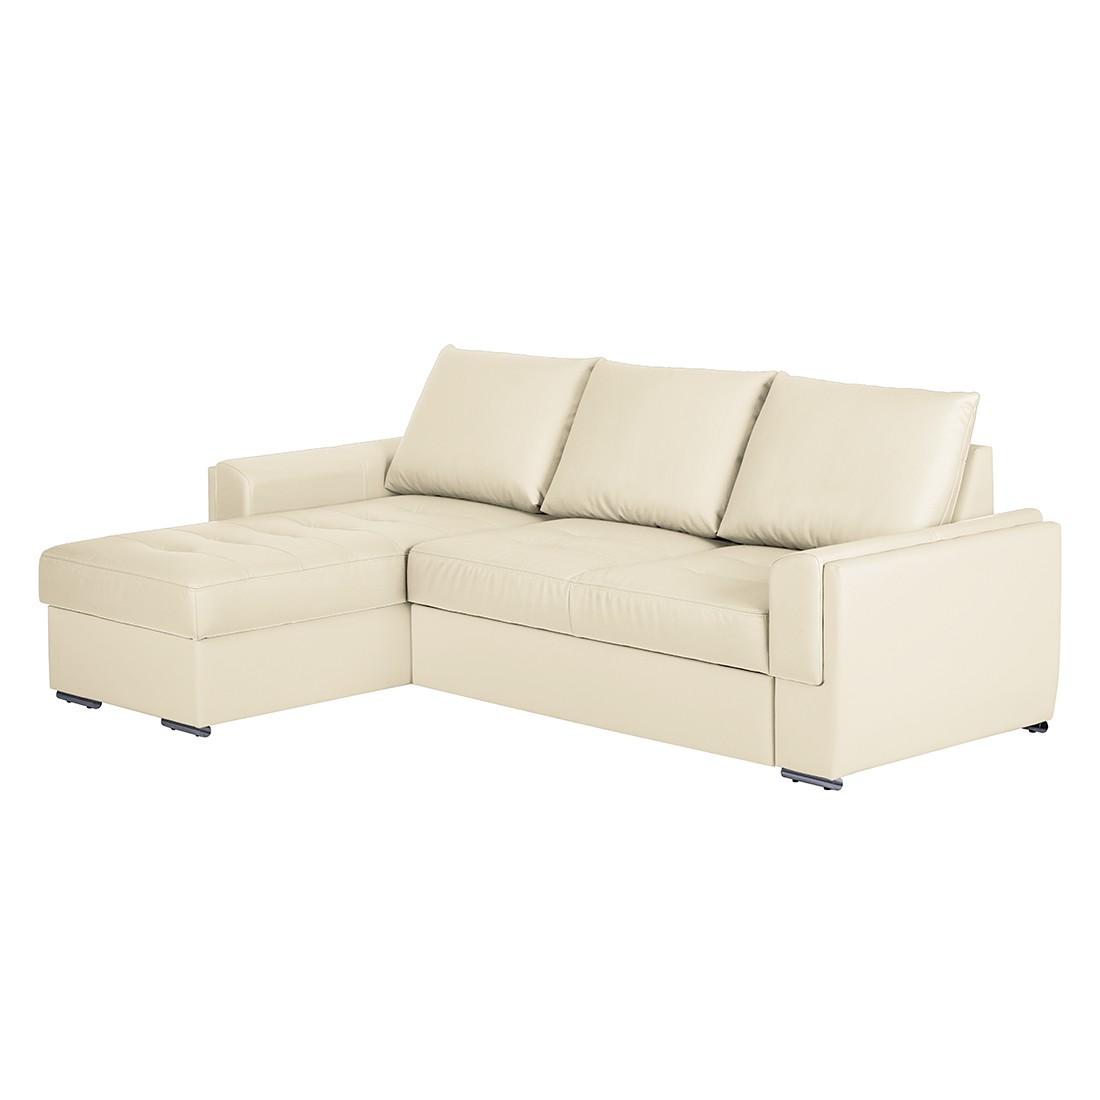 Home 24 - Canapé d angle narva - méridienne longue à monter gauche ou droite cuir synthétique - beige, mooved